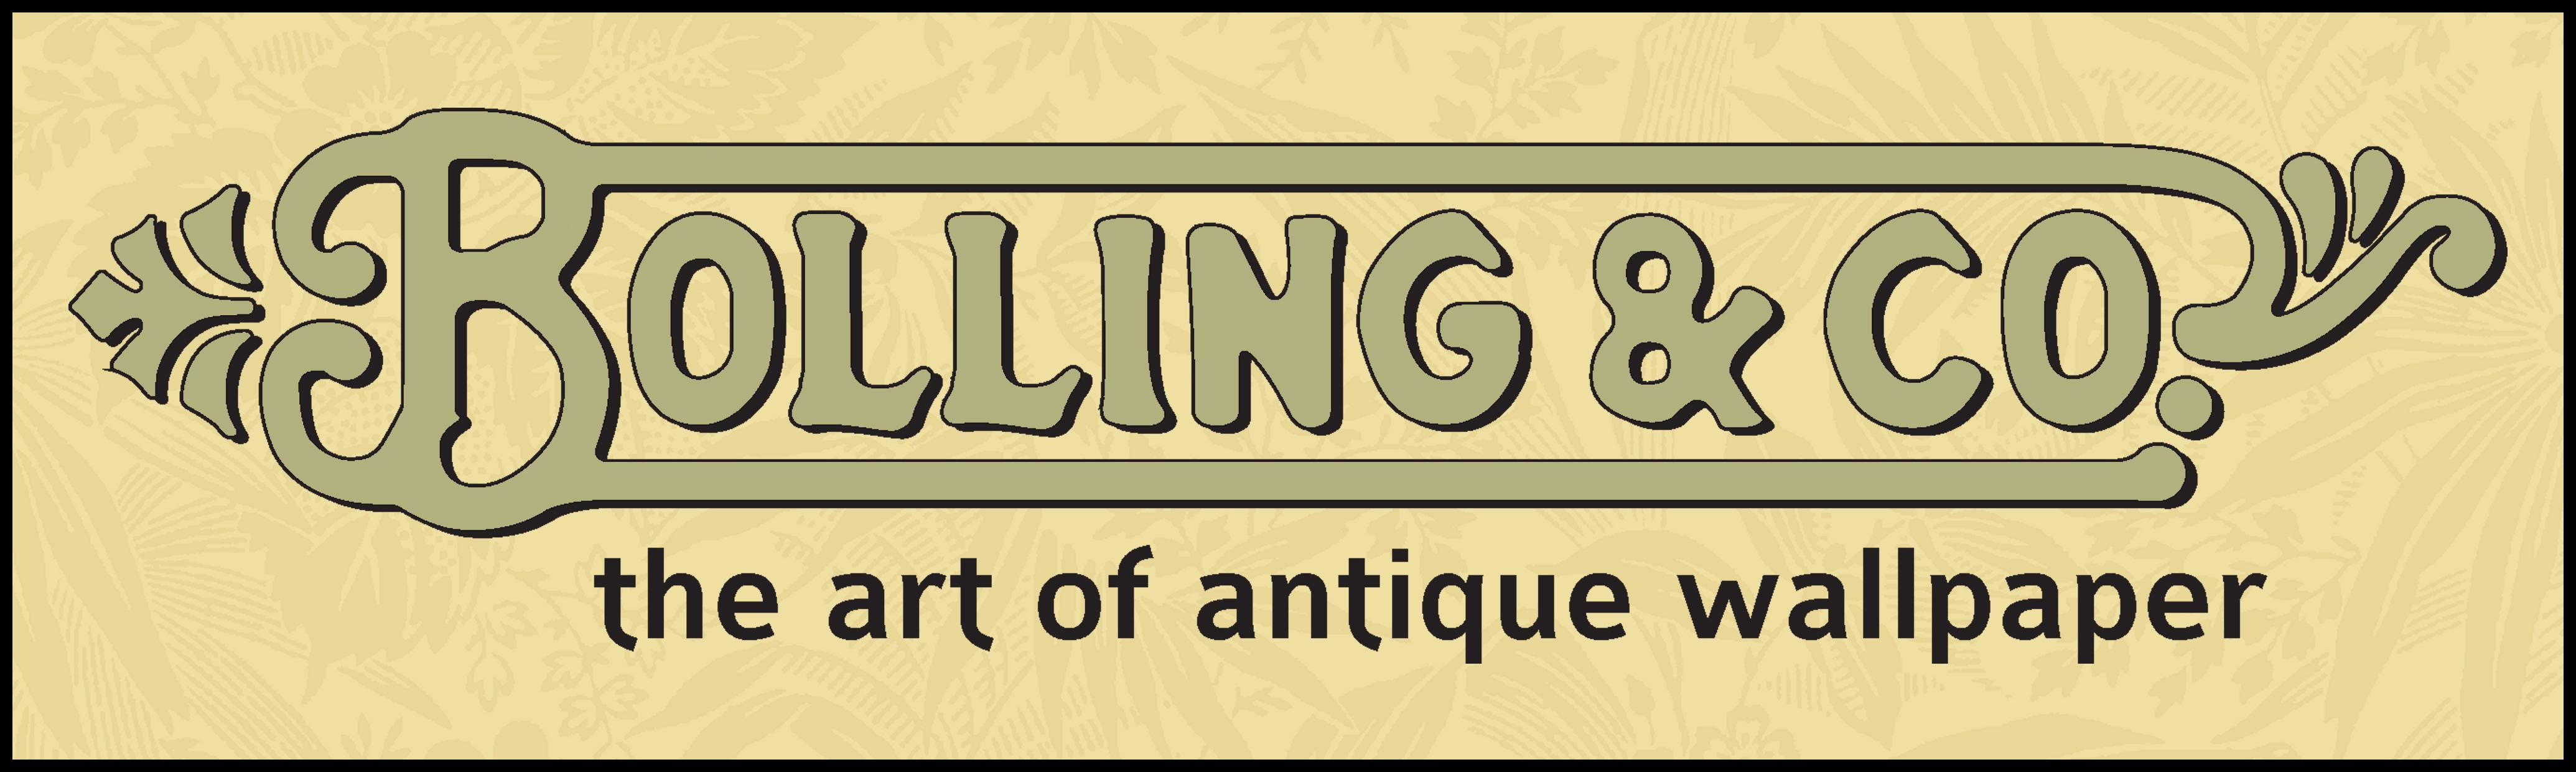 Bolling Logo on Background Border